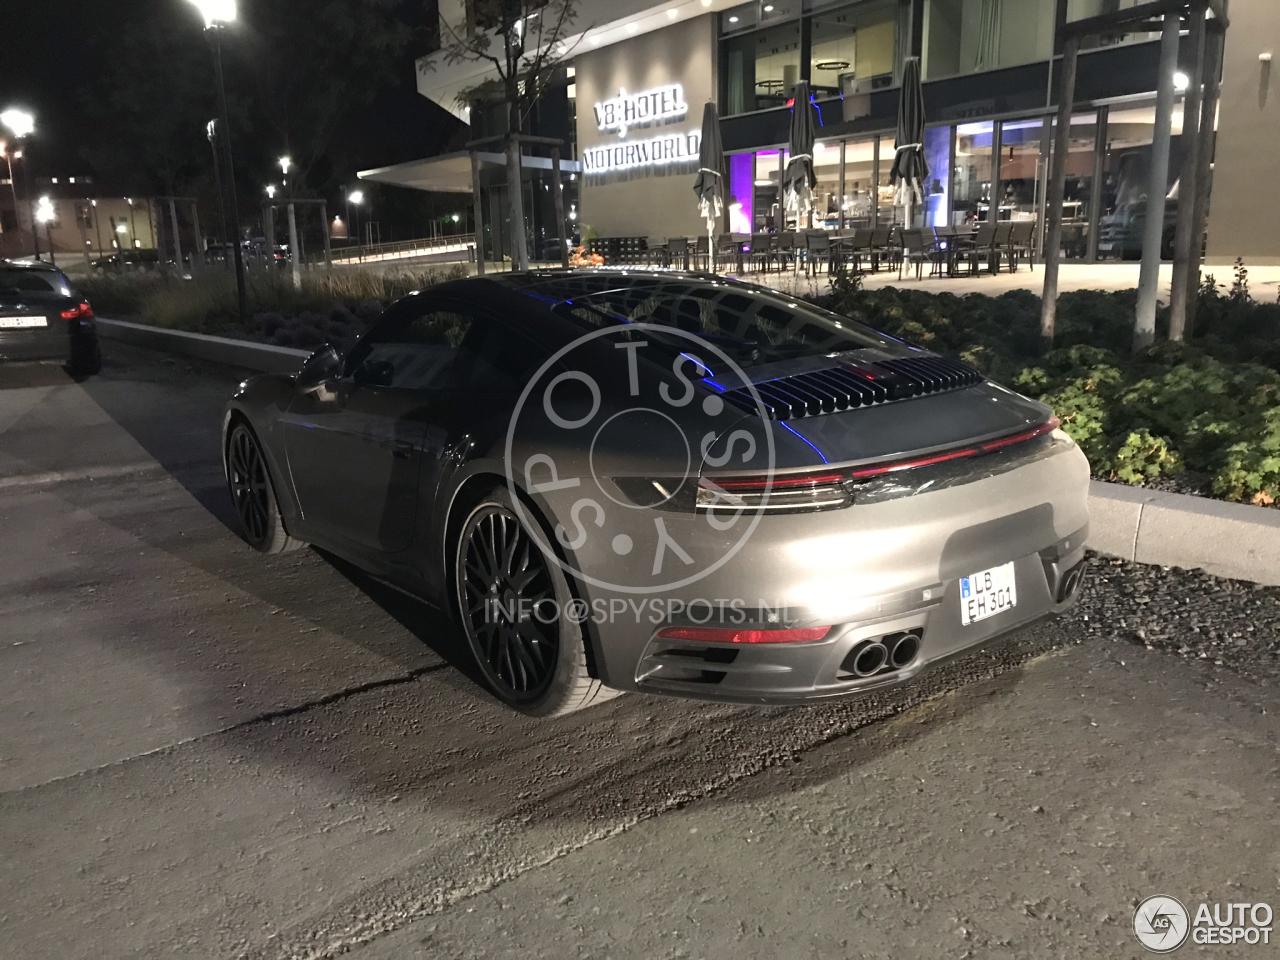 Porsche 992 Carrera ondergaat laatste tests